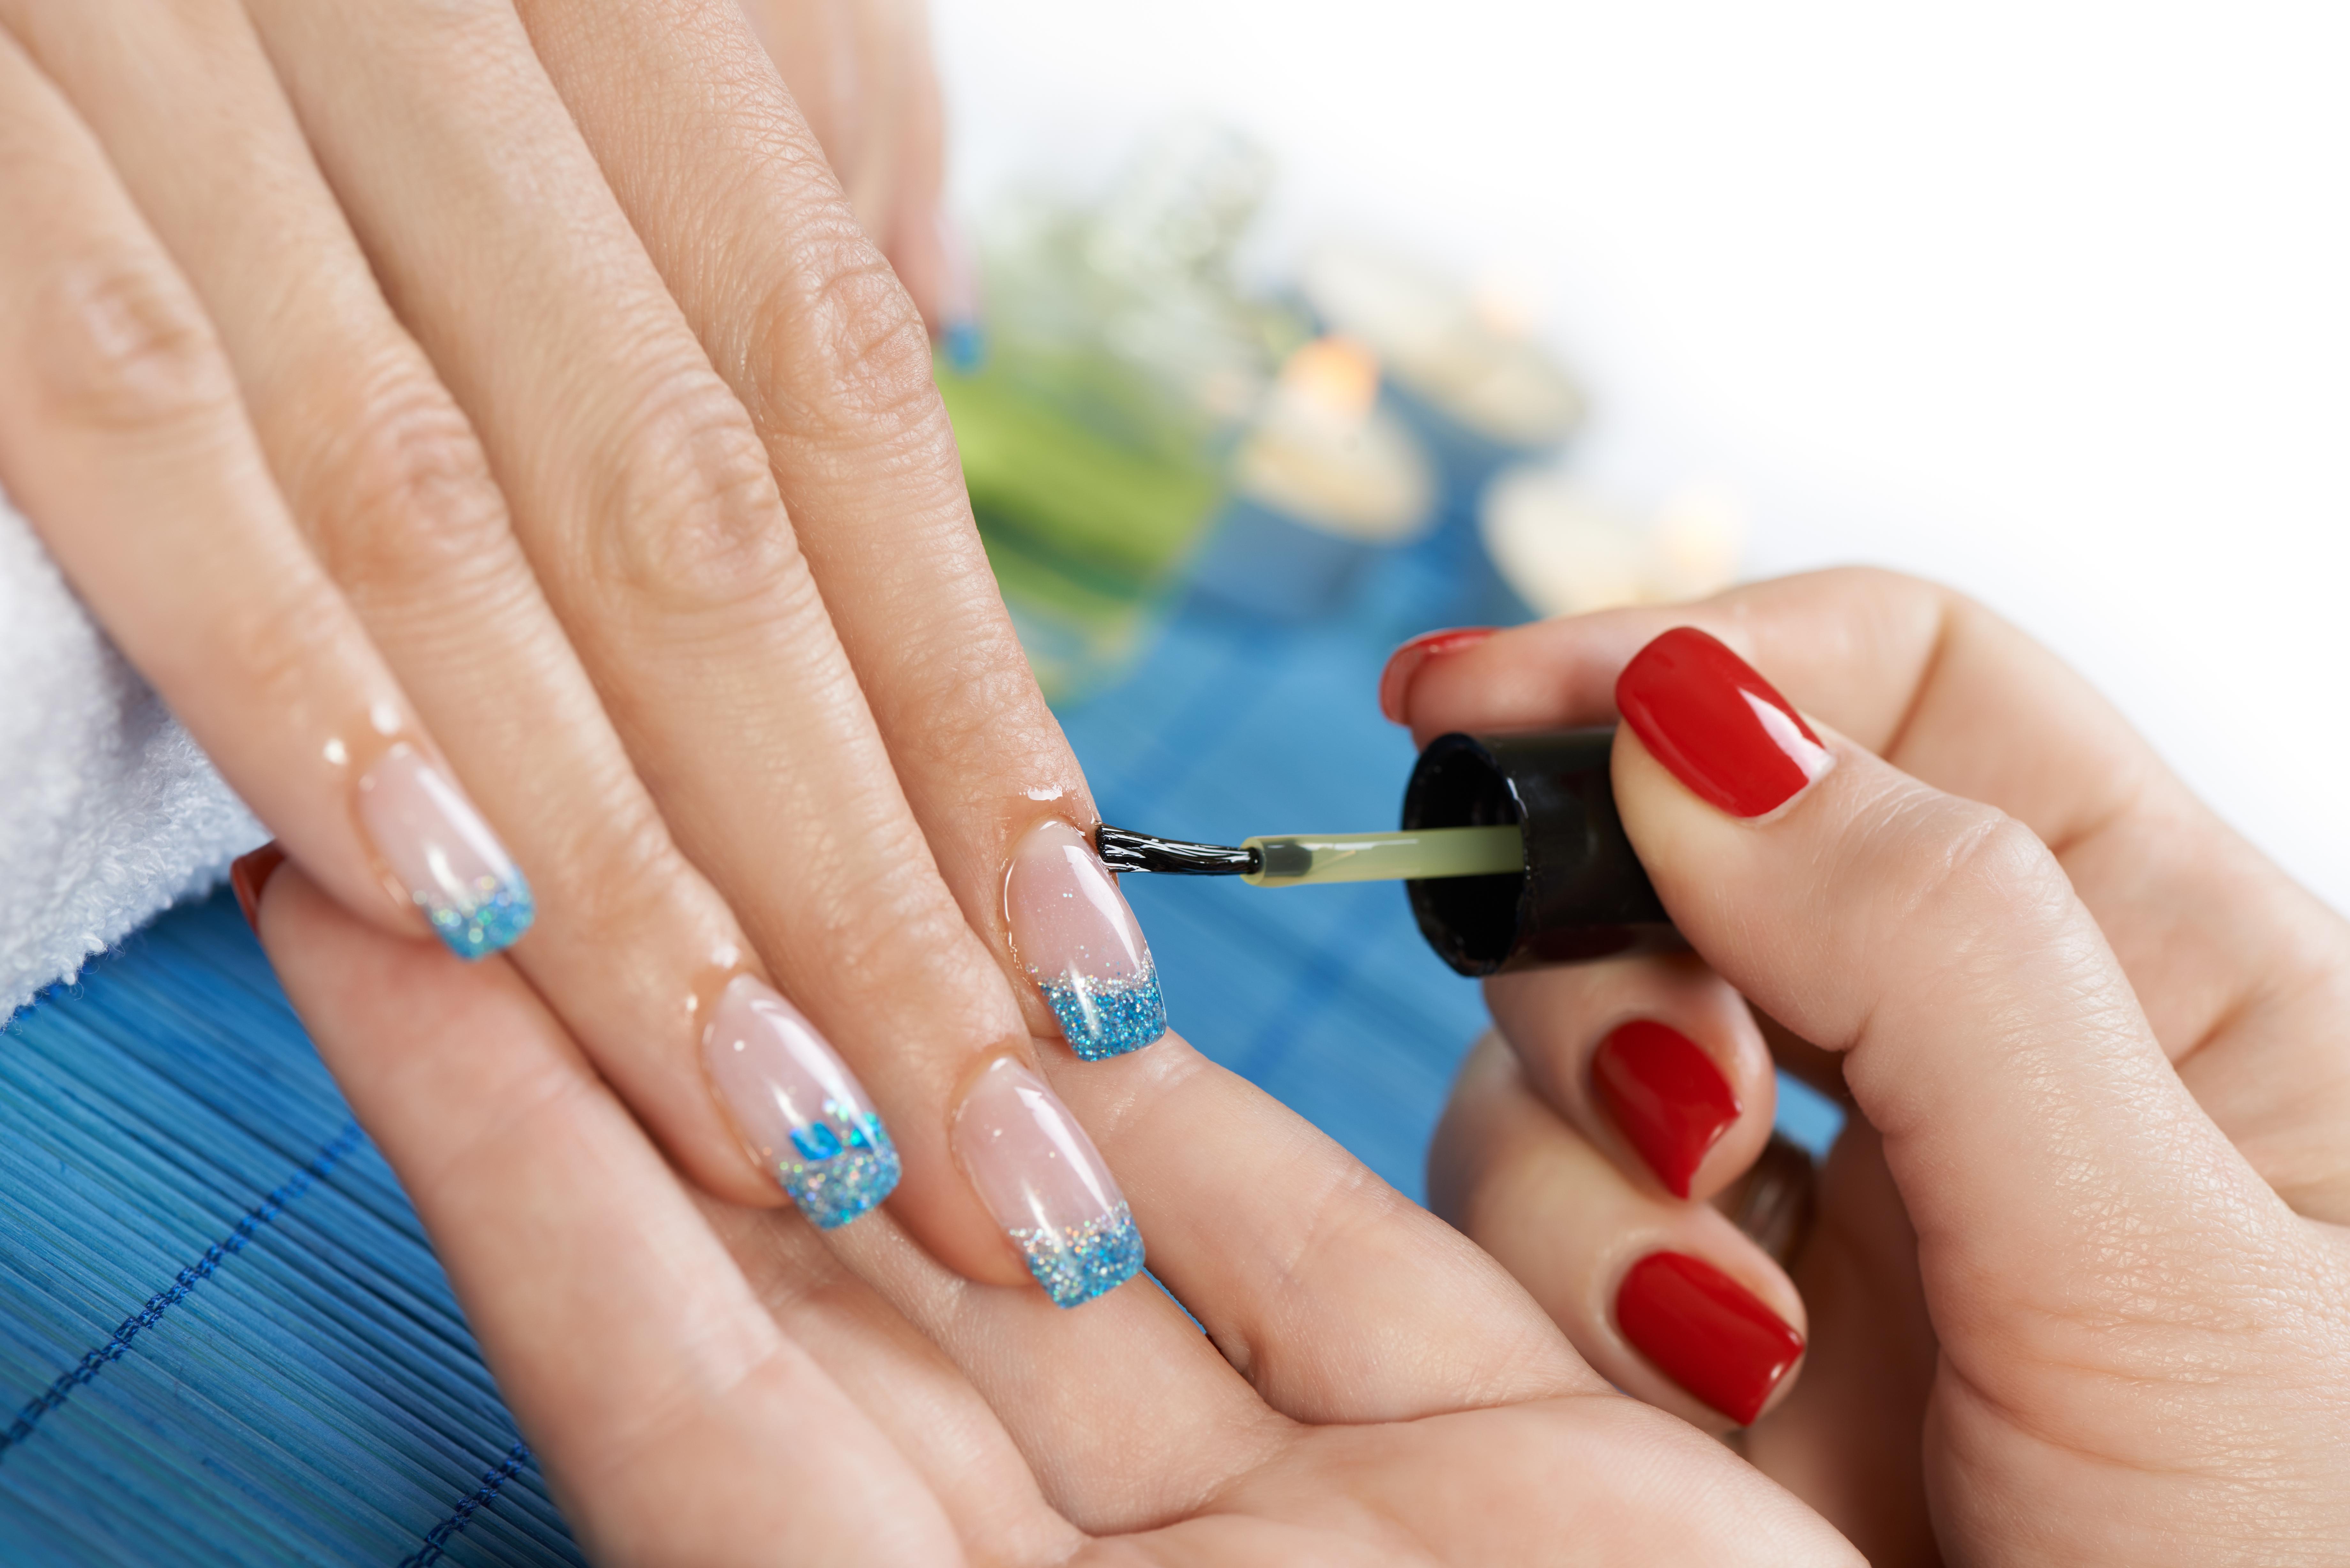 Find Your New Nail Salon in San Antonio at Dominion Ridge